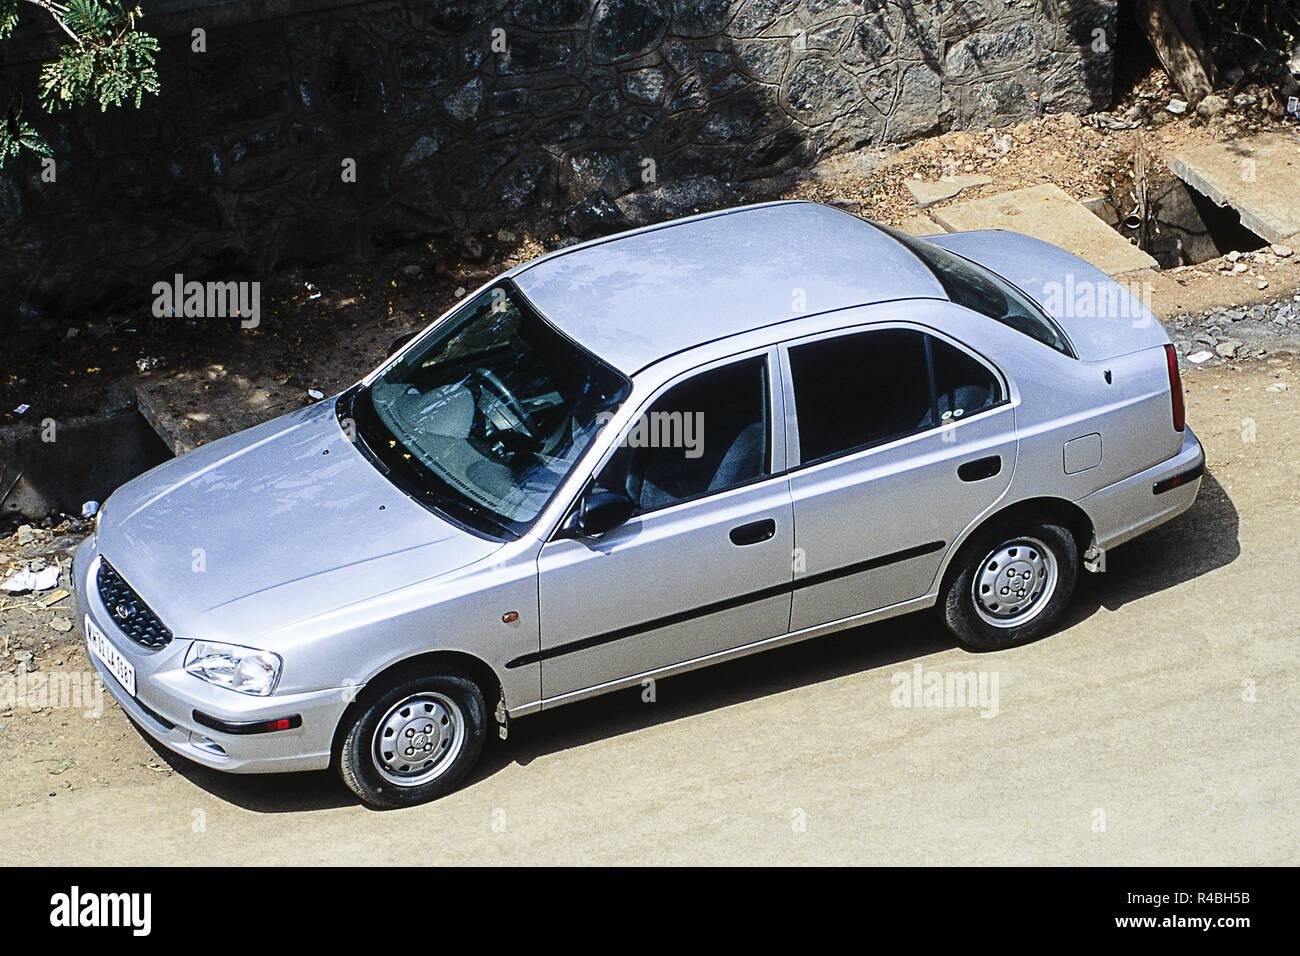 Vista della Hyundai Accent auto parcheggiate su strada, Mumbai, India, Asia Immagini Stock